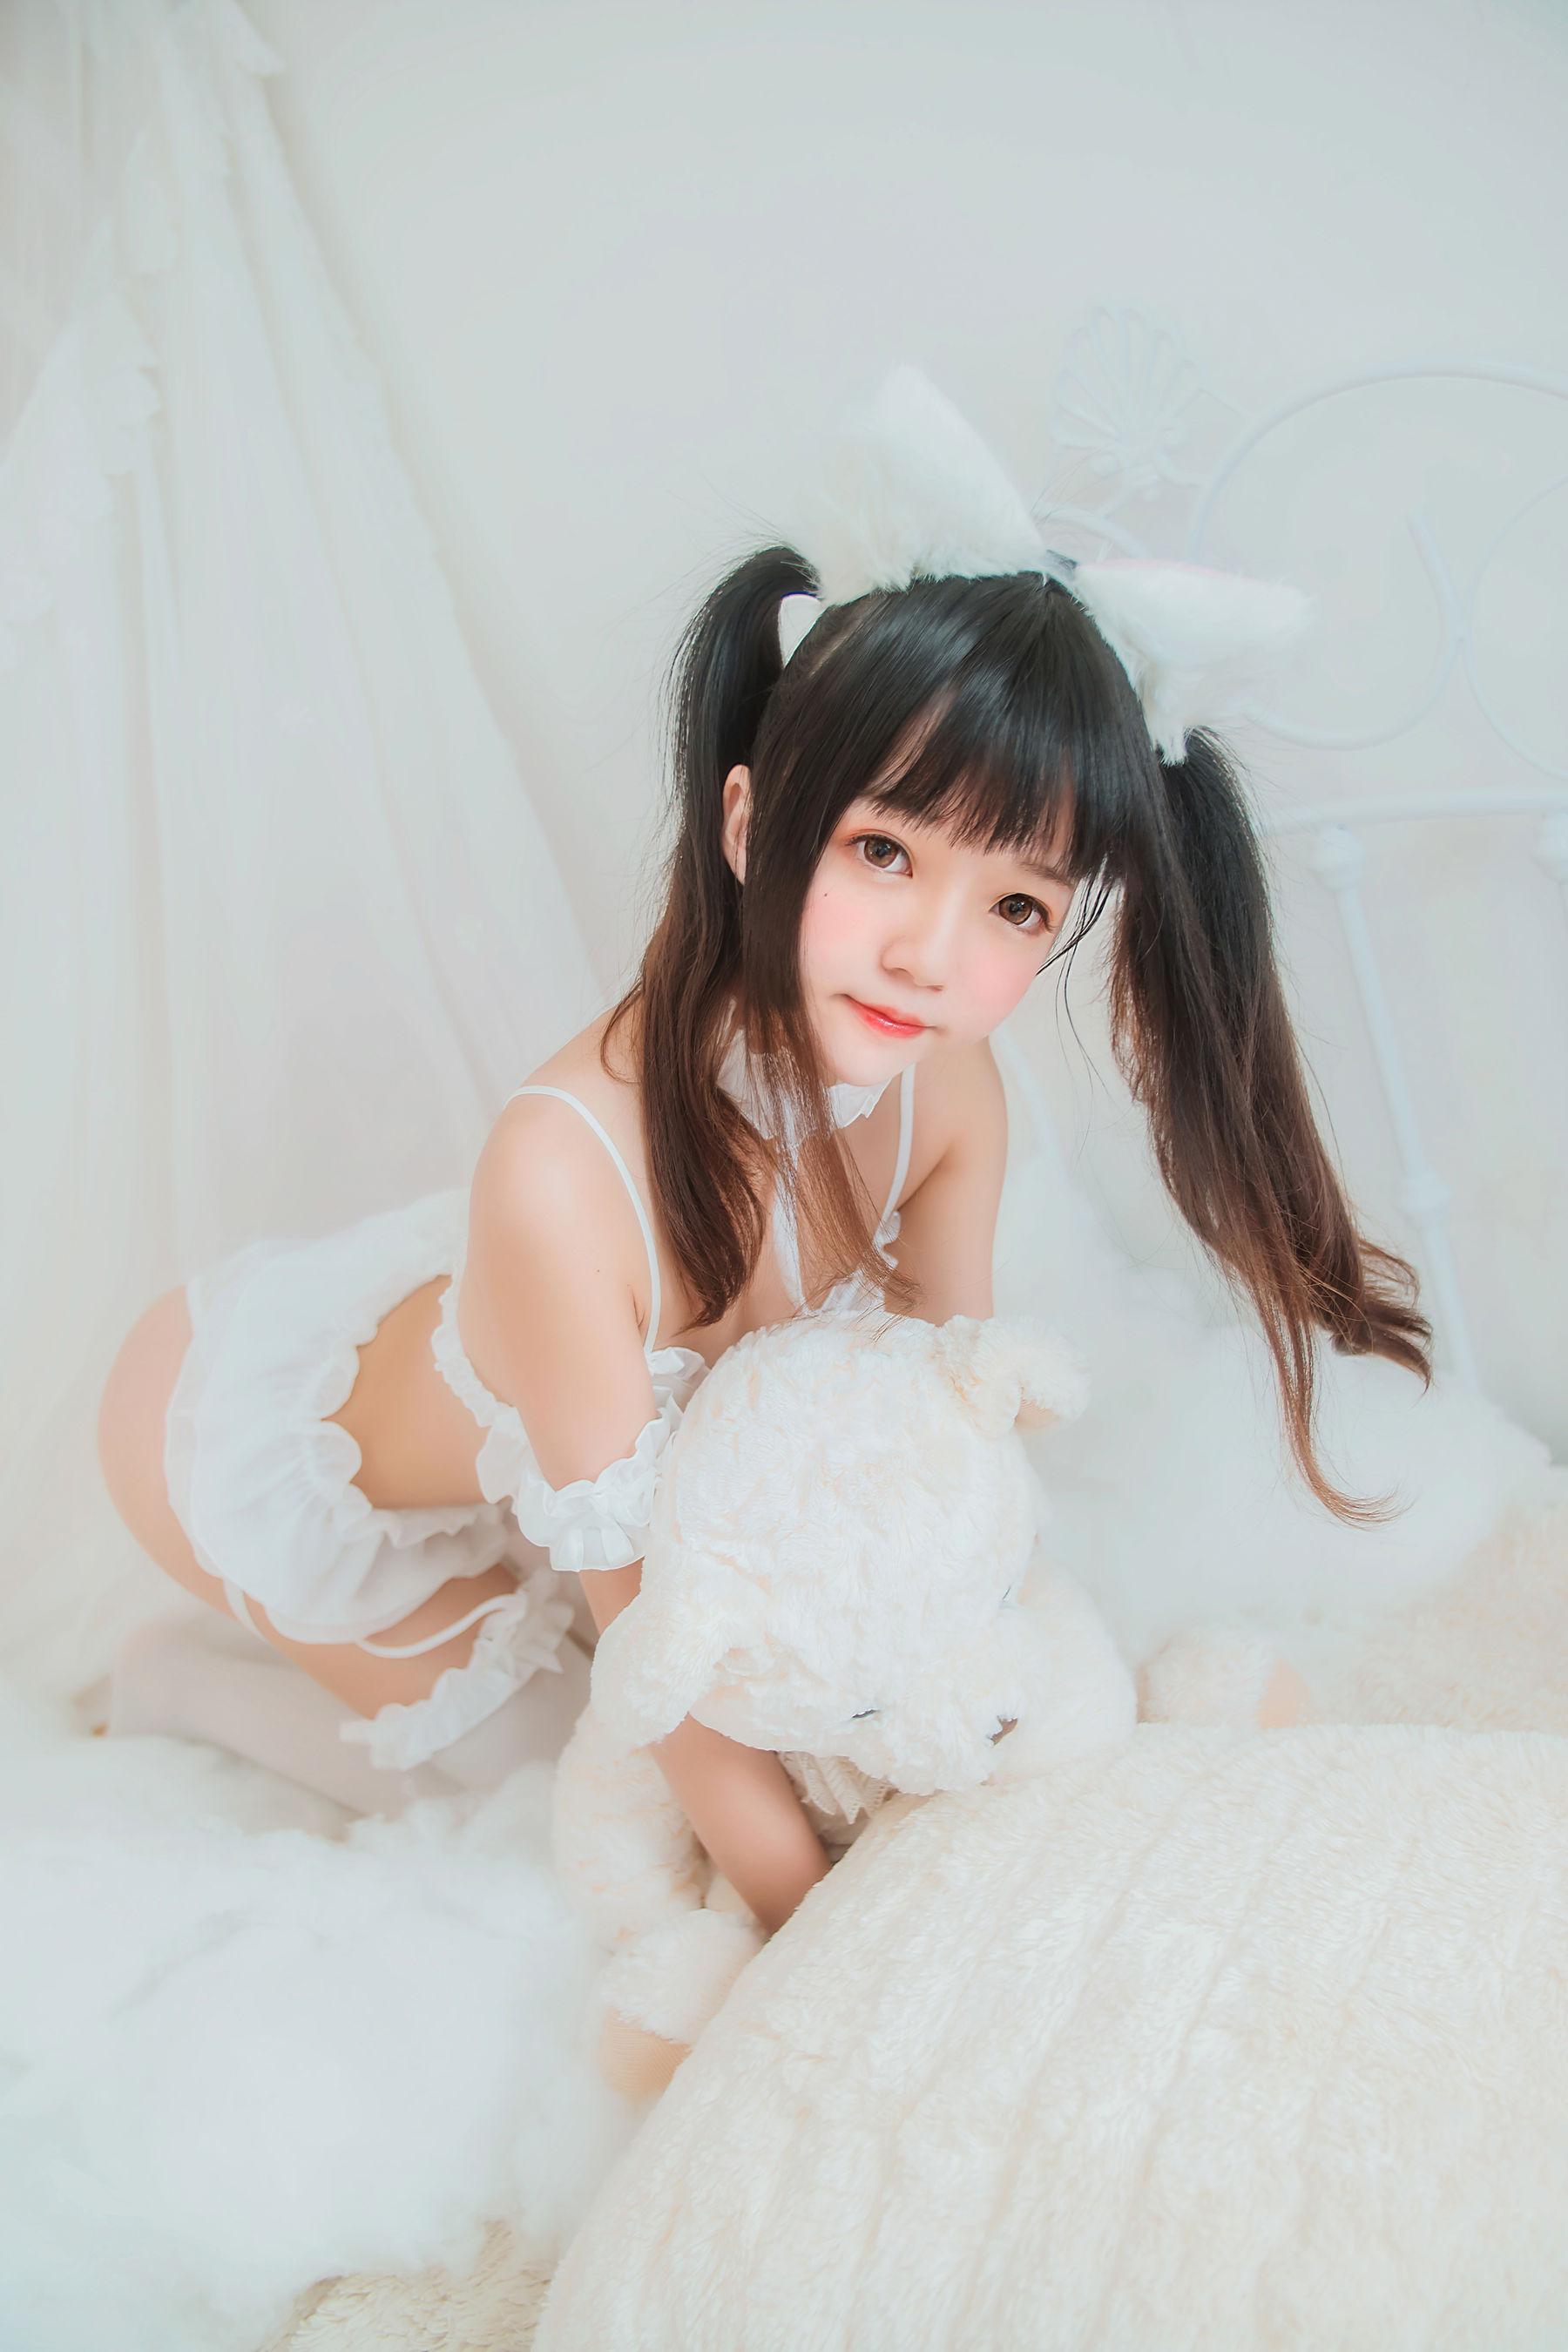 [网络美女] 桜桃喵 白猫 高清写真套图